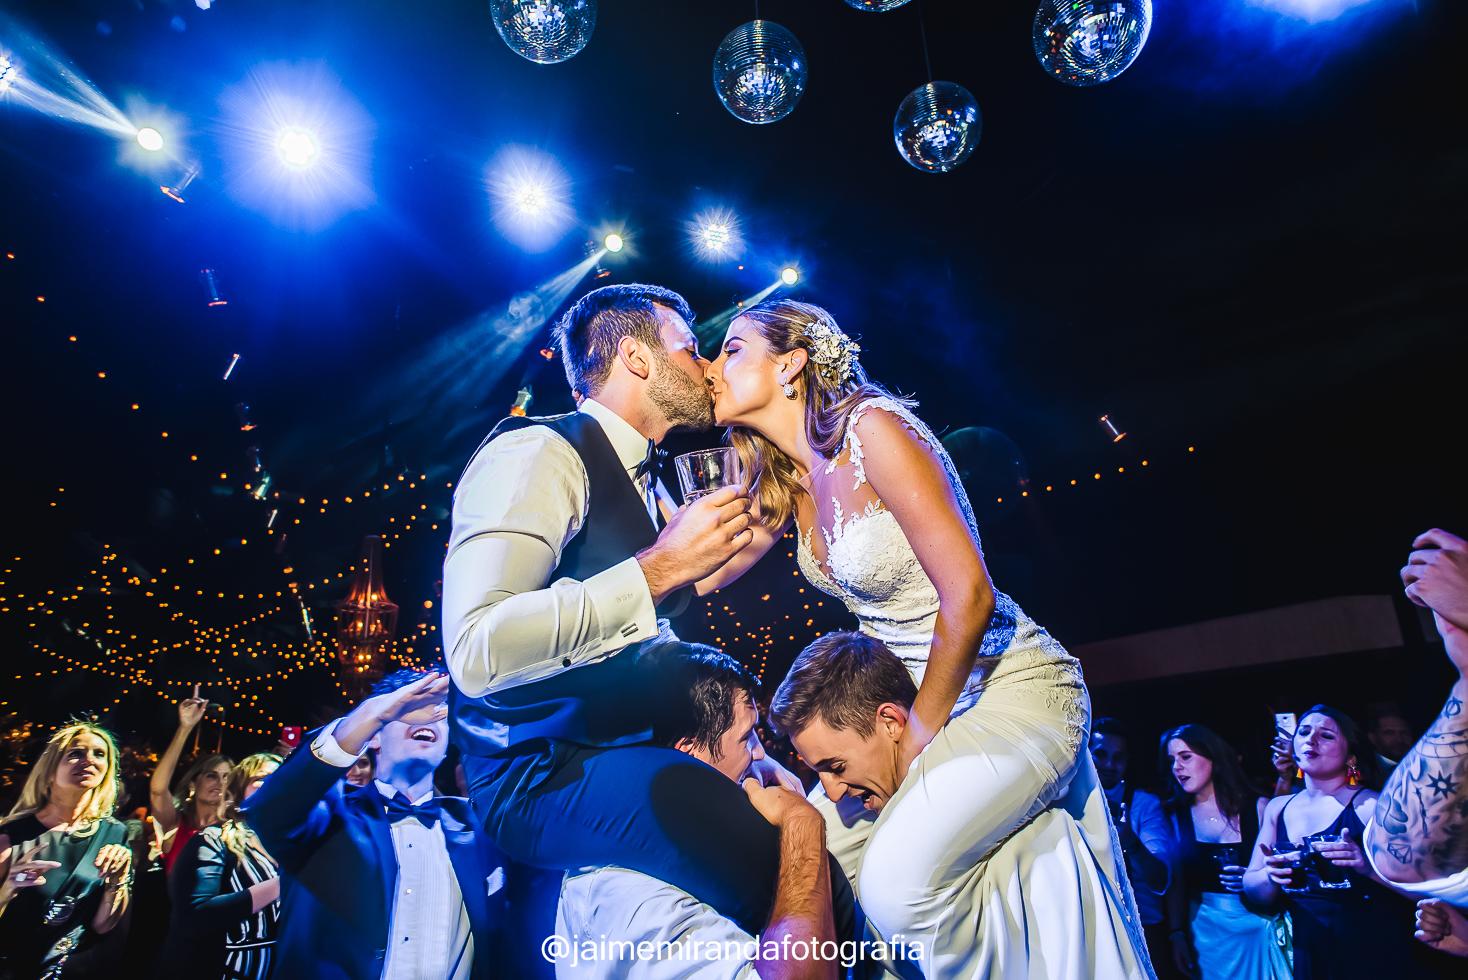 jaime miranda fotografia matrimonios (47)